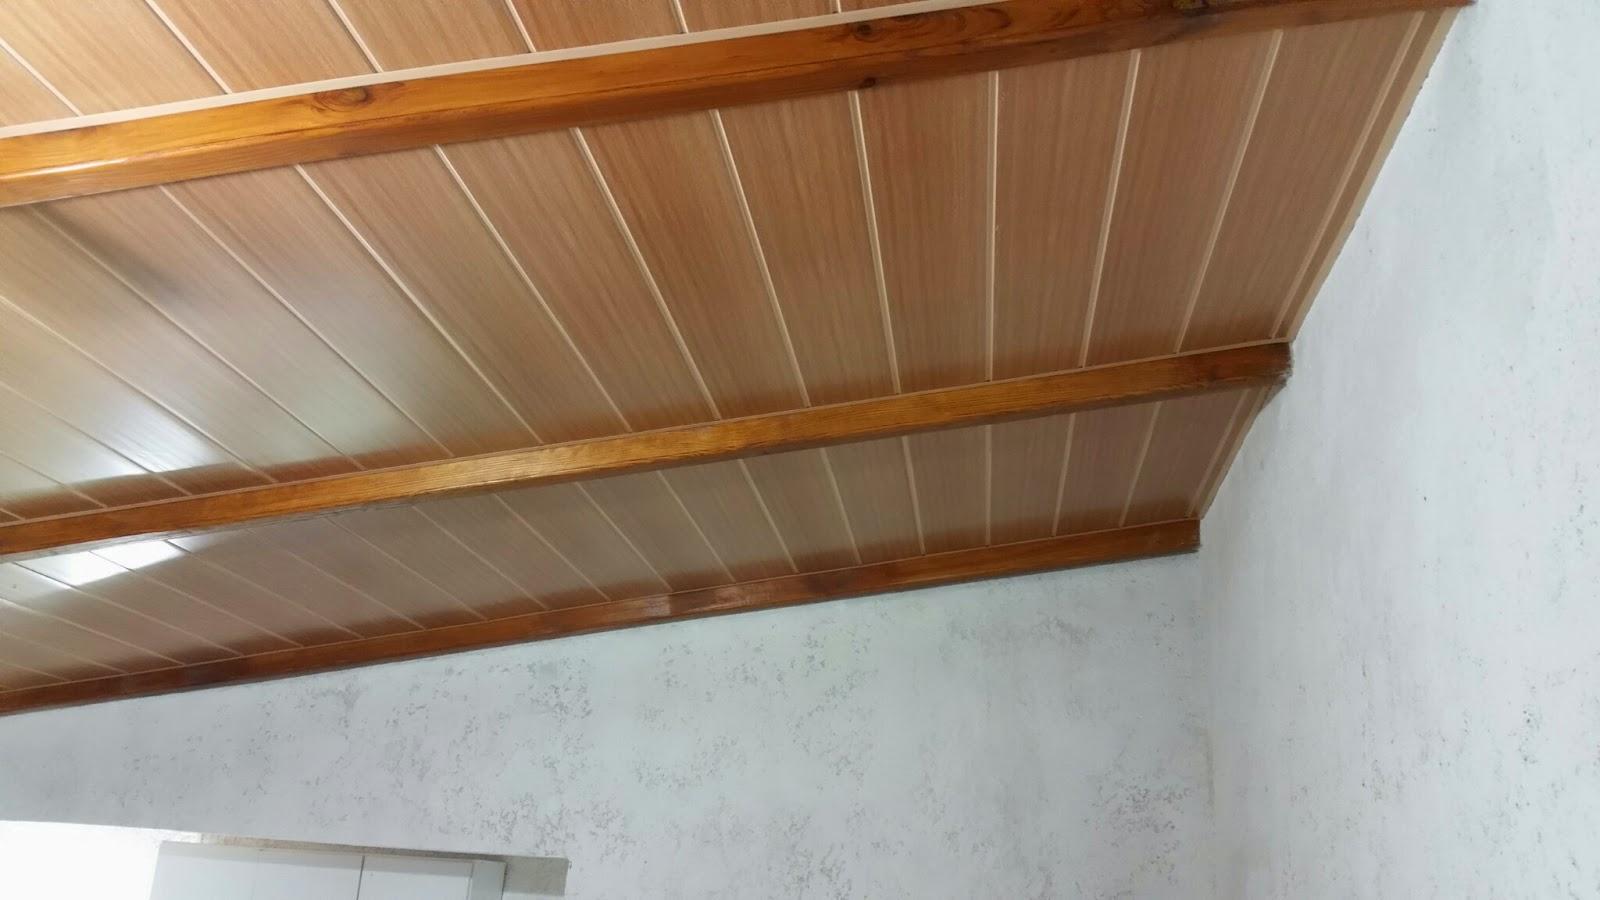 Cielorrasos en pvc uruguay cielo raso de pvc color en - Pvc imitacion madera ...